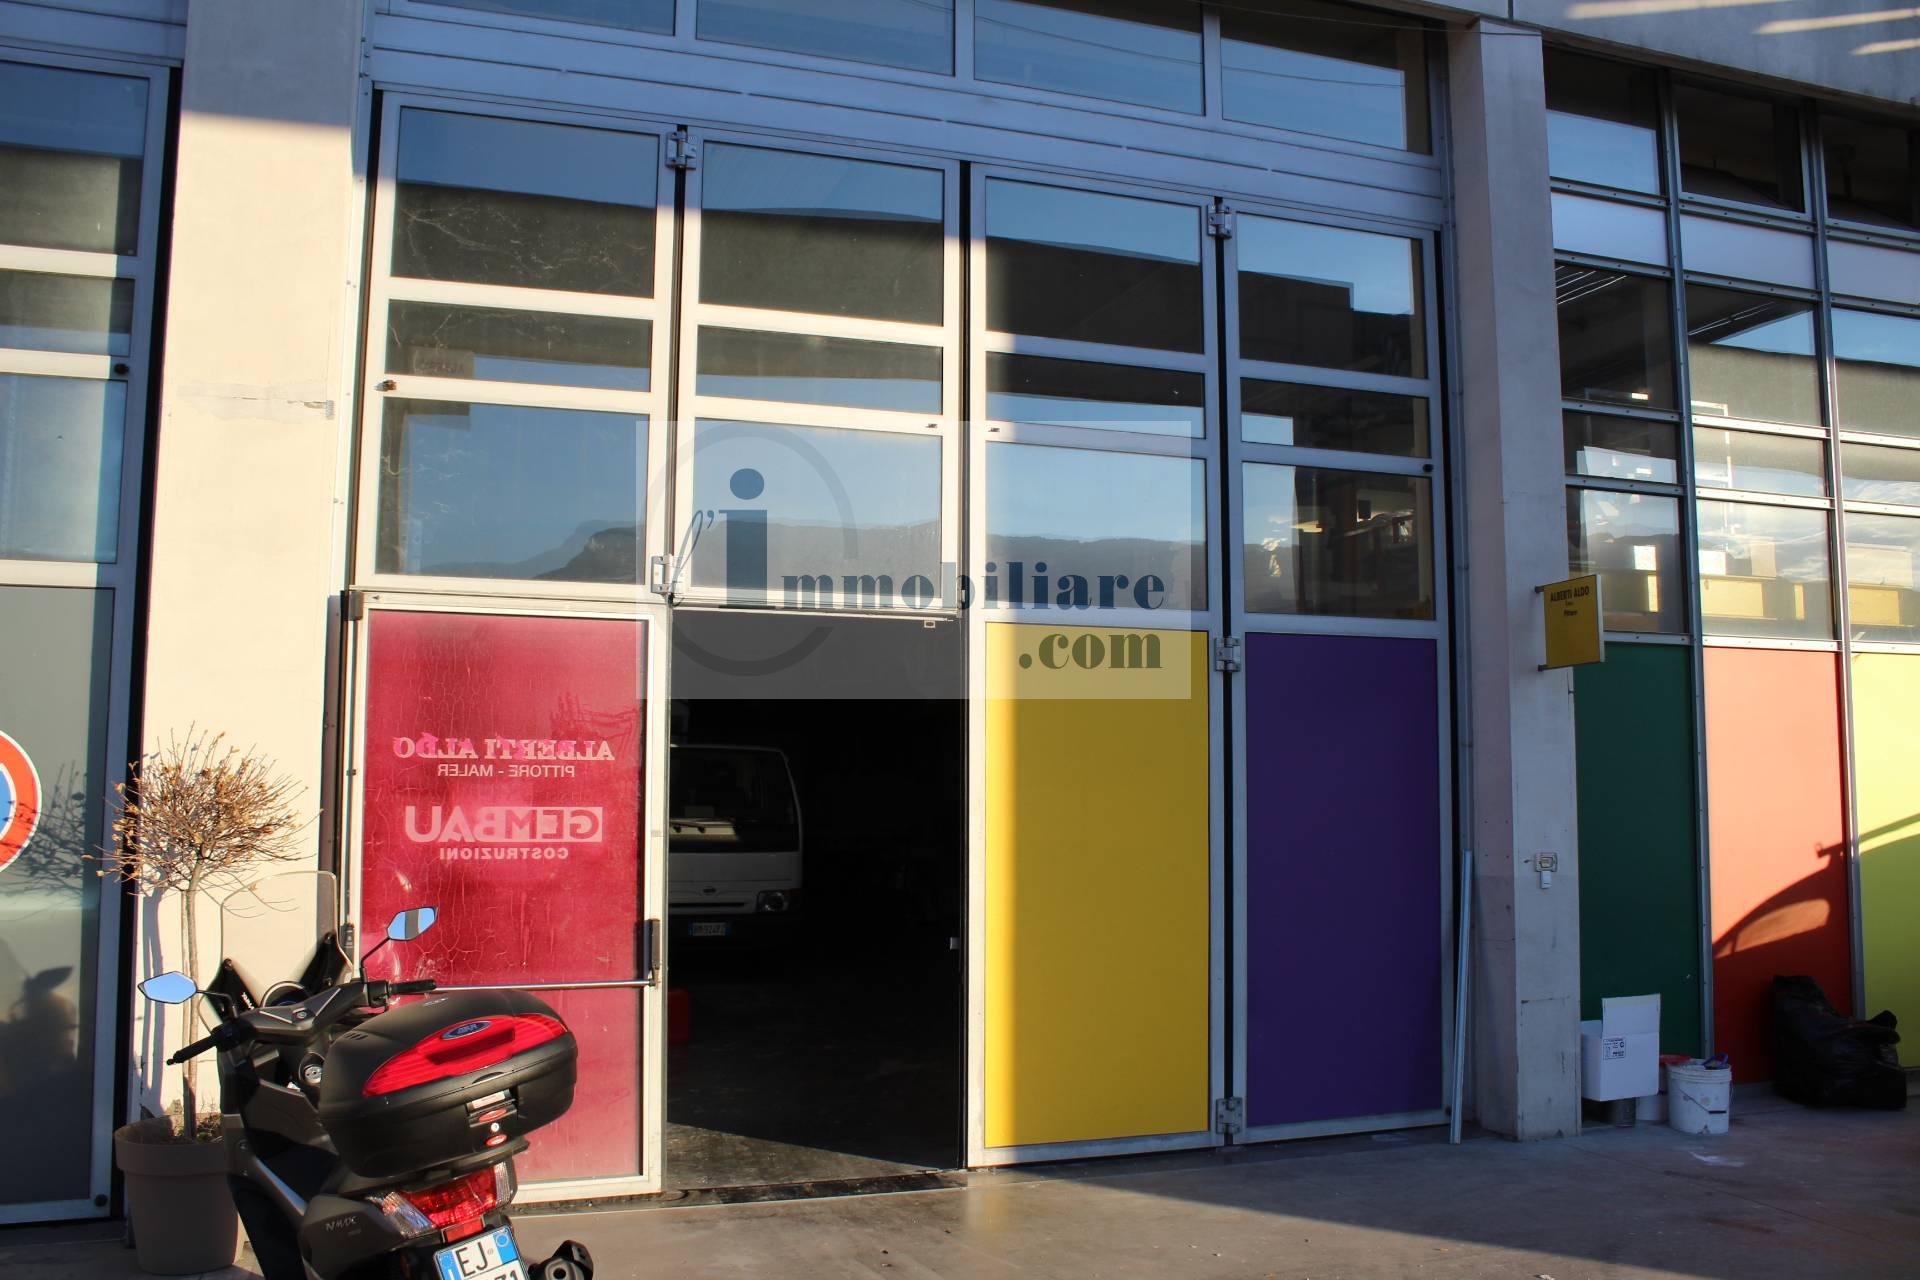 Magazzino in vendita a Bolzano, 4 locali, zona Zona: Periferia, prezzo € 330.000 | CambioCasa.it